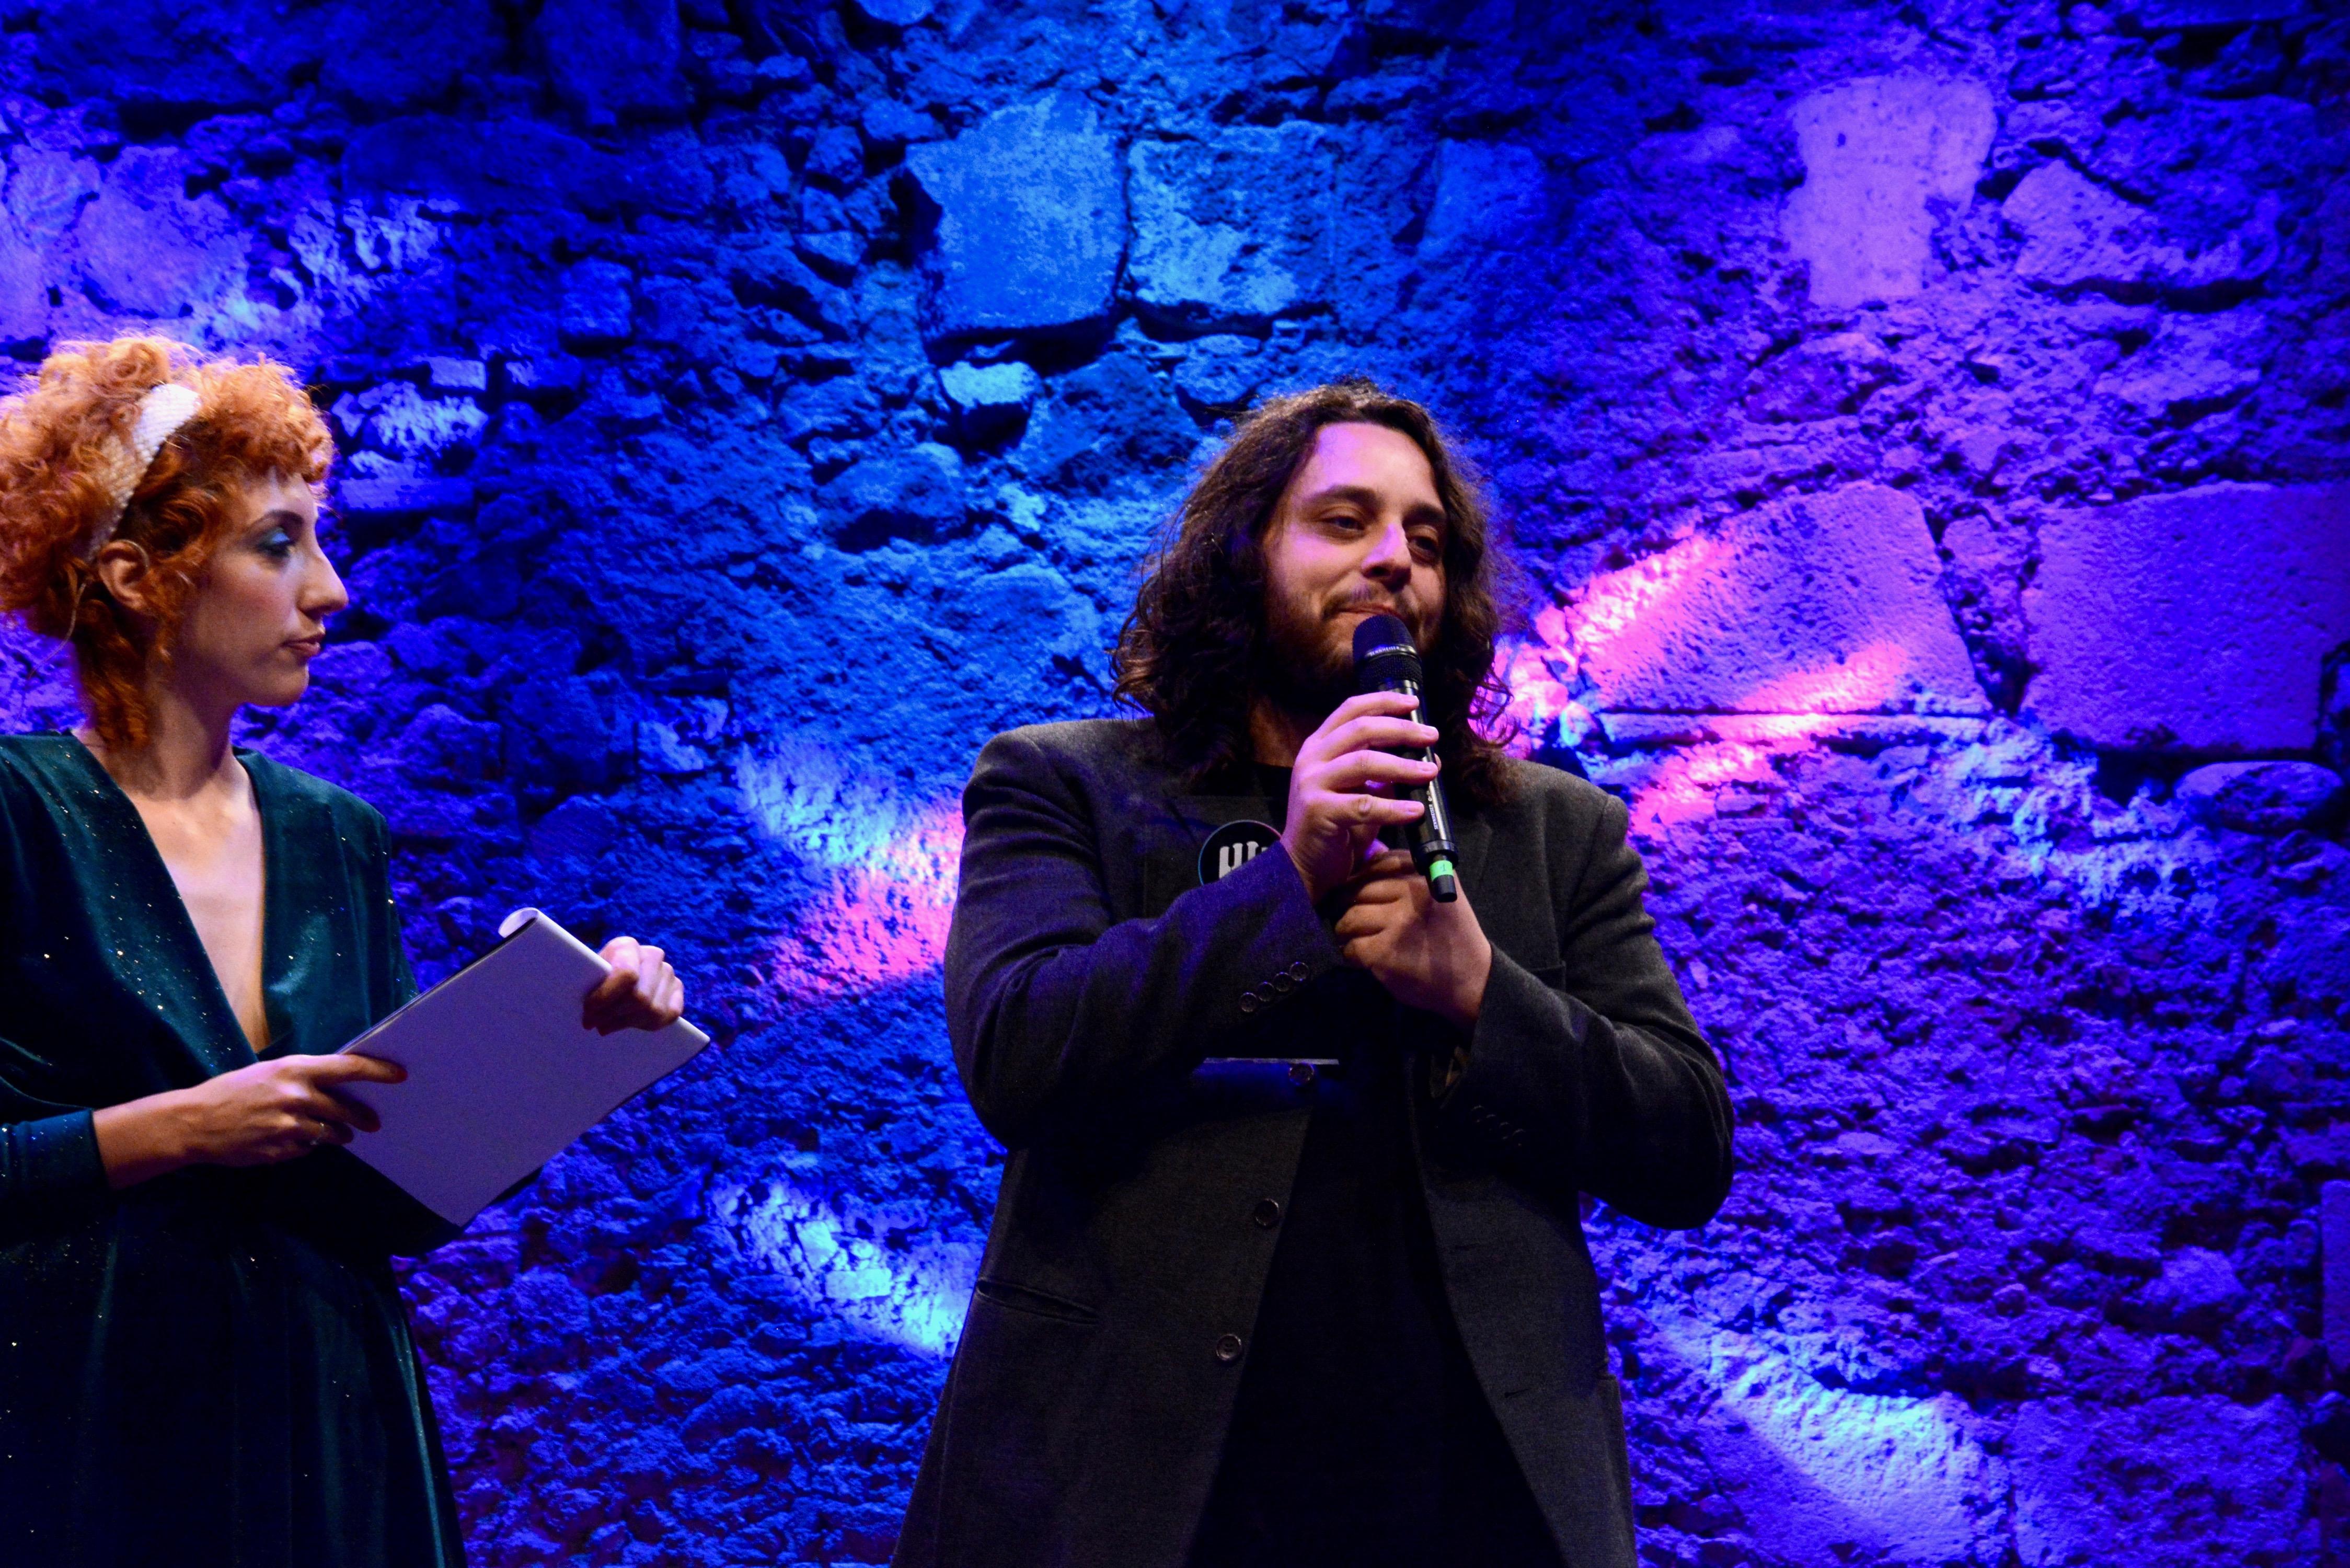 Francesco Lettieri